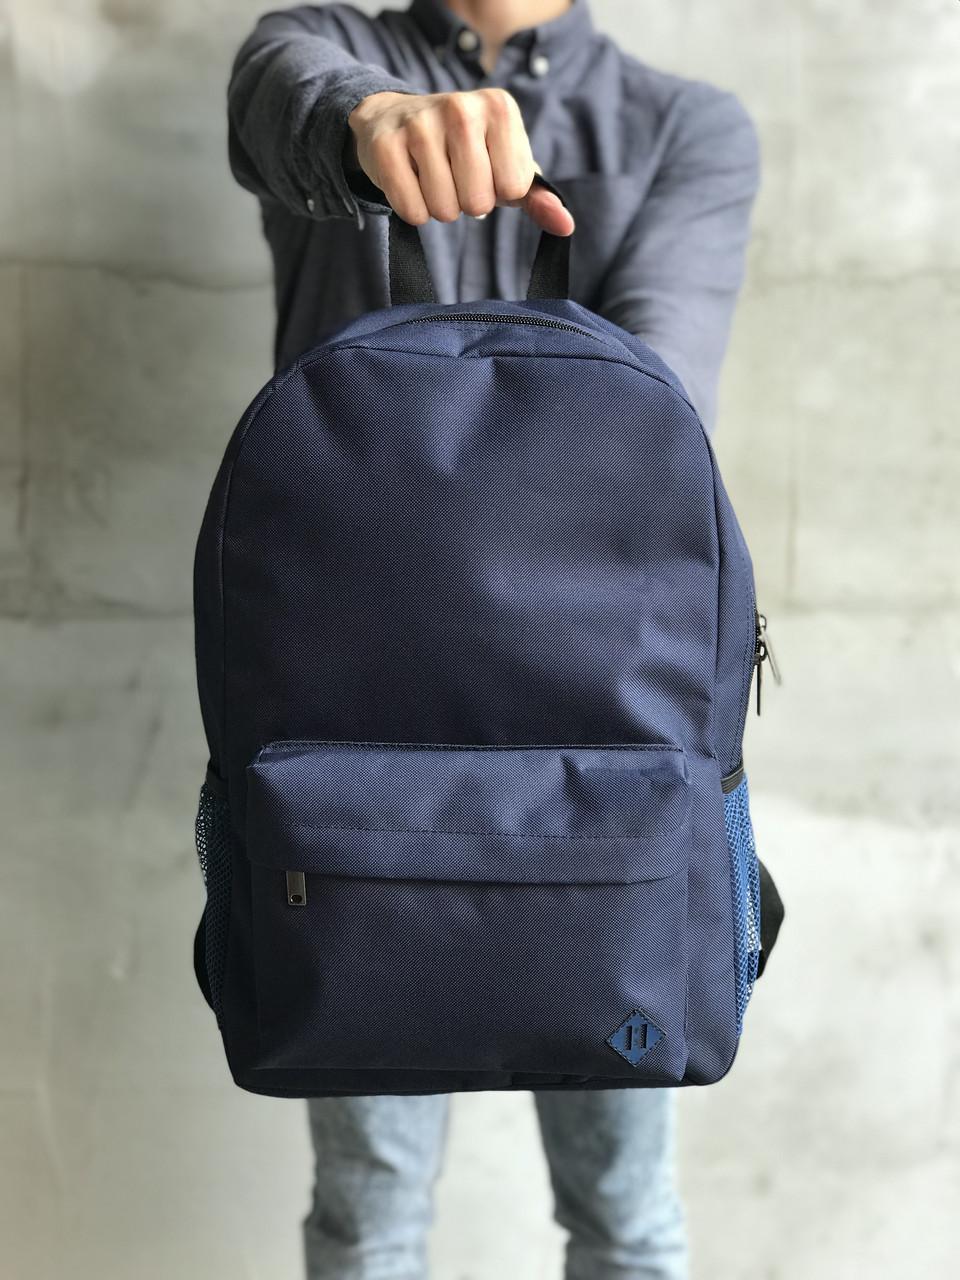 Синій рюкзак на 7 літрів від виробника